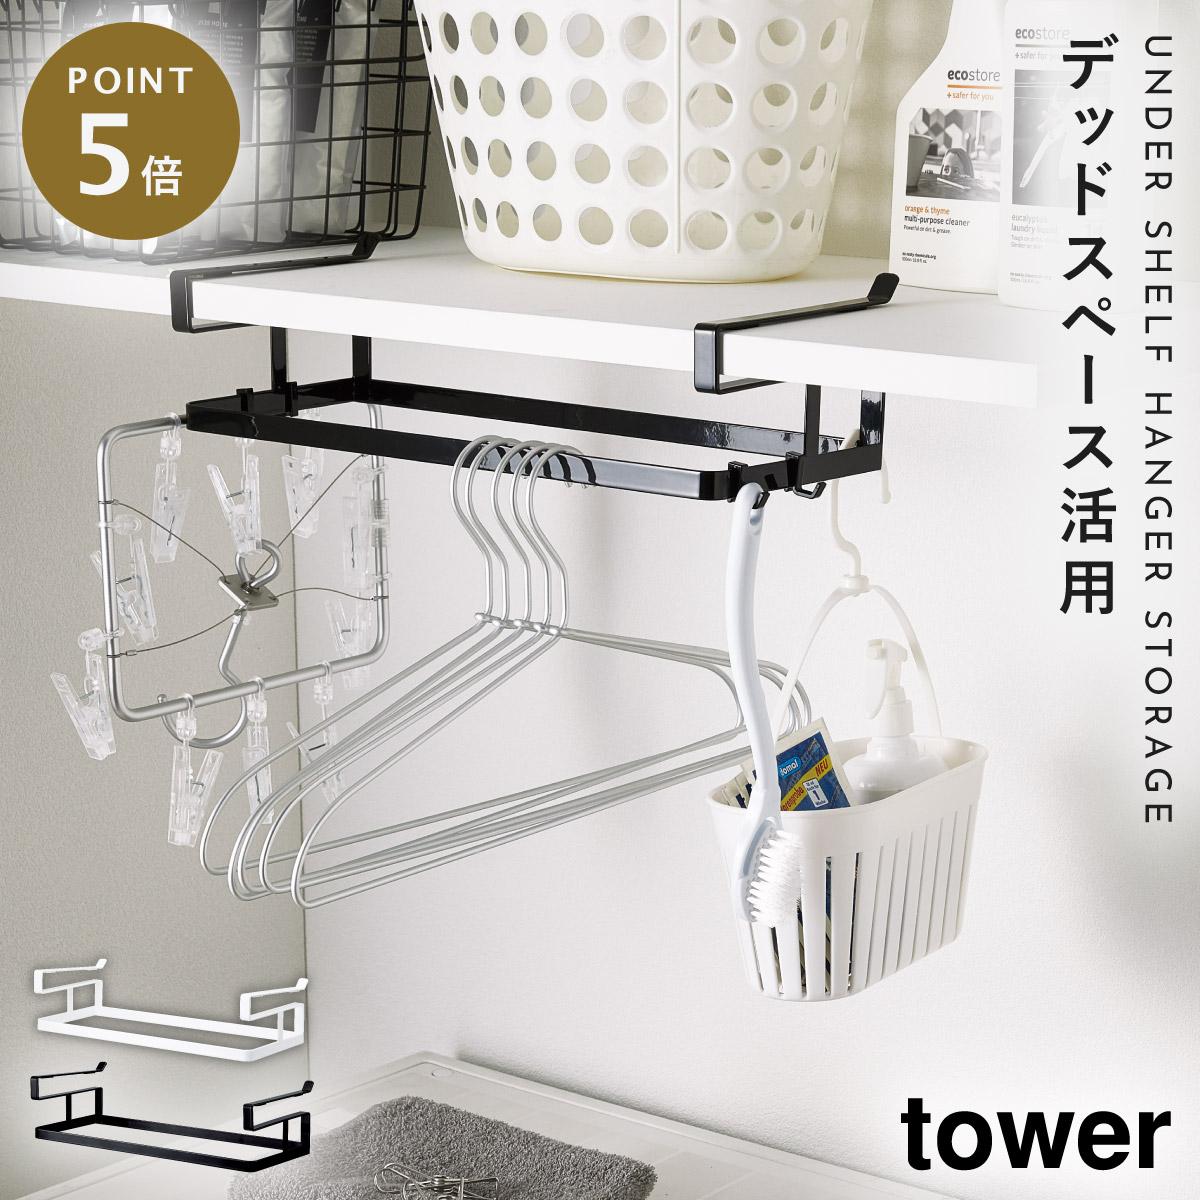 ハンガー 収納 棚下ハンガー収納 タワー tower ホワイト ブラック